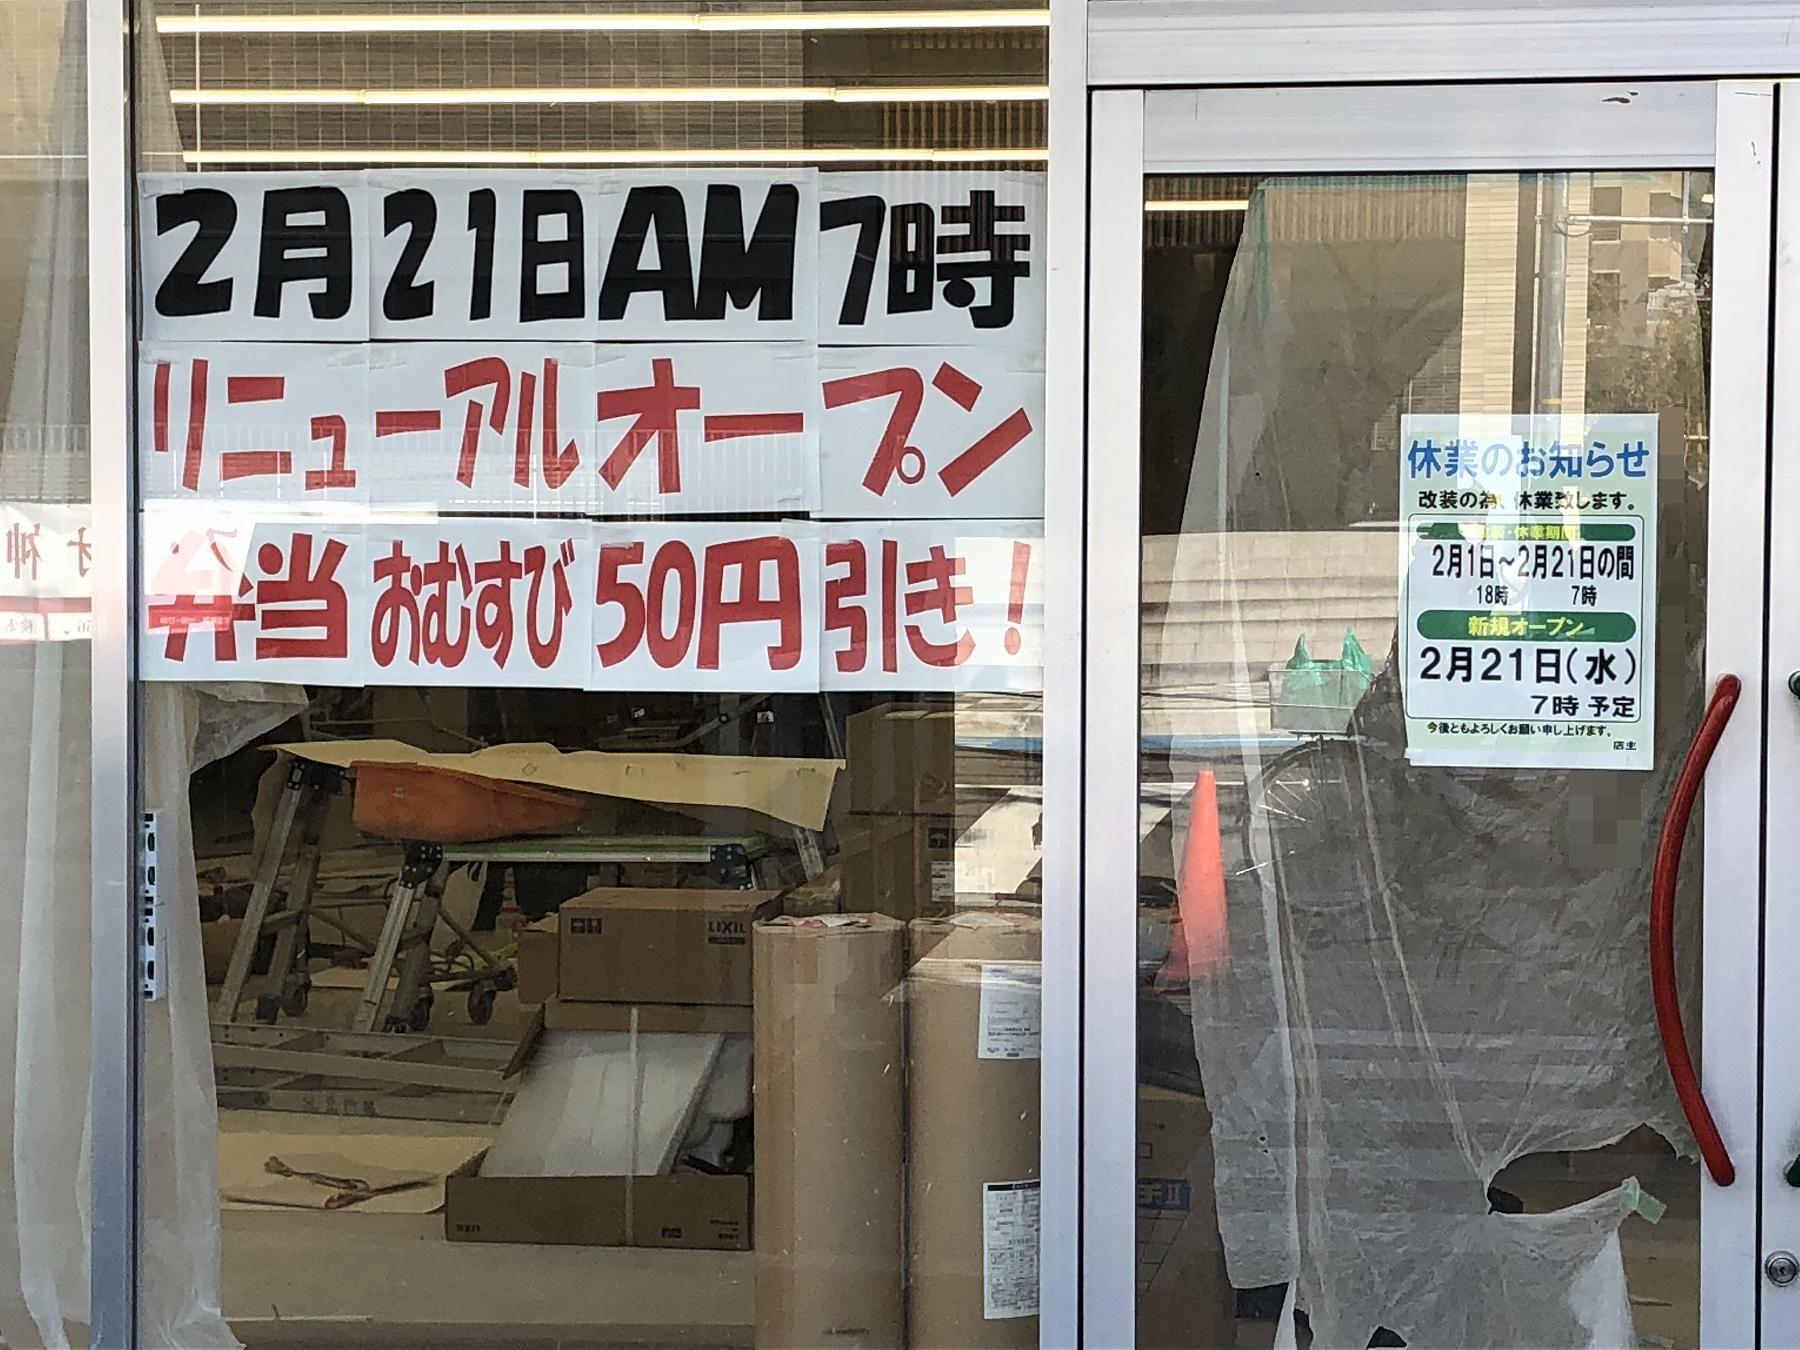 「サンクス東灘青木店」が工事中、2/21に「ファミリーマート東灘青木店」としてリニューアルオープンするよ! #東灘・青木  #リニューアルオープン #ファミリーマート